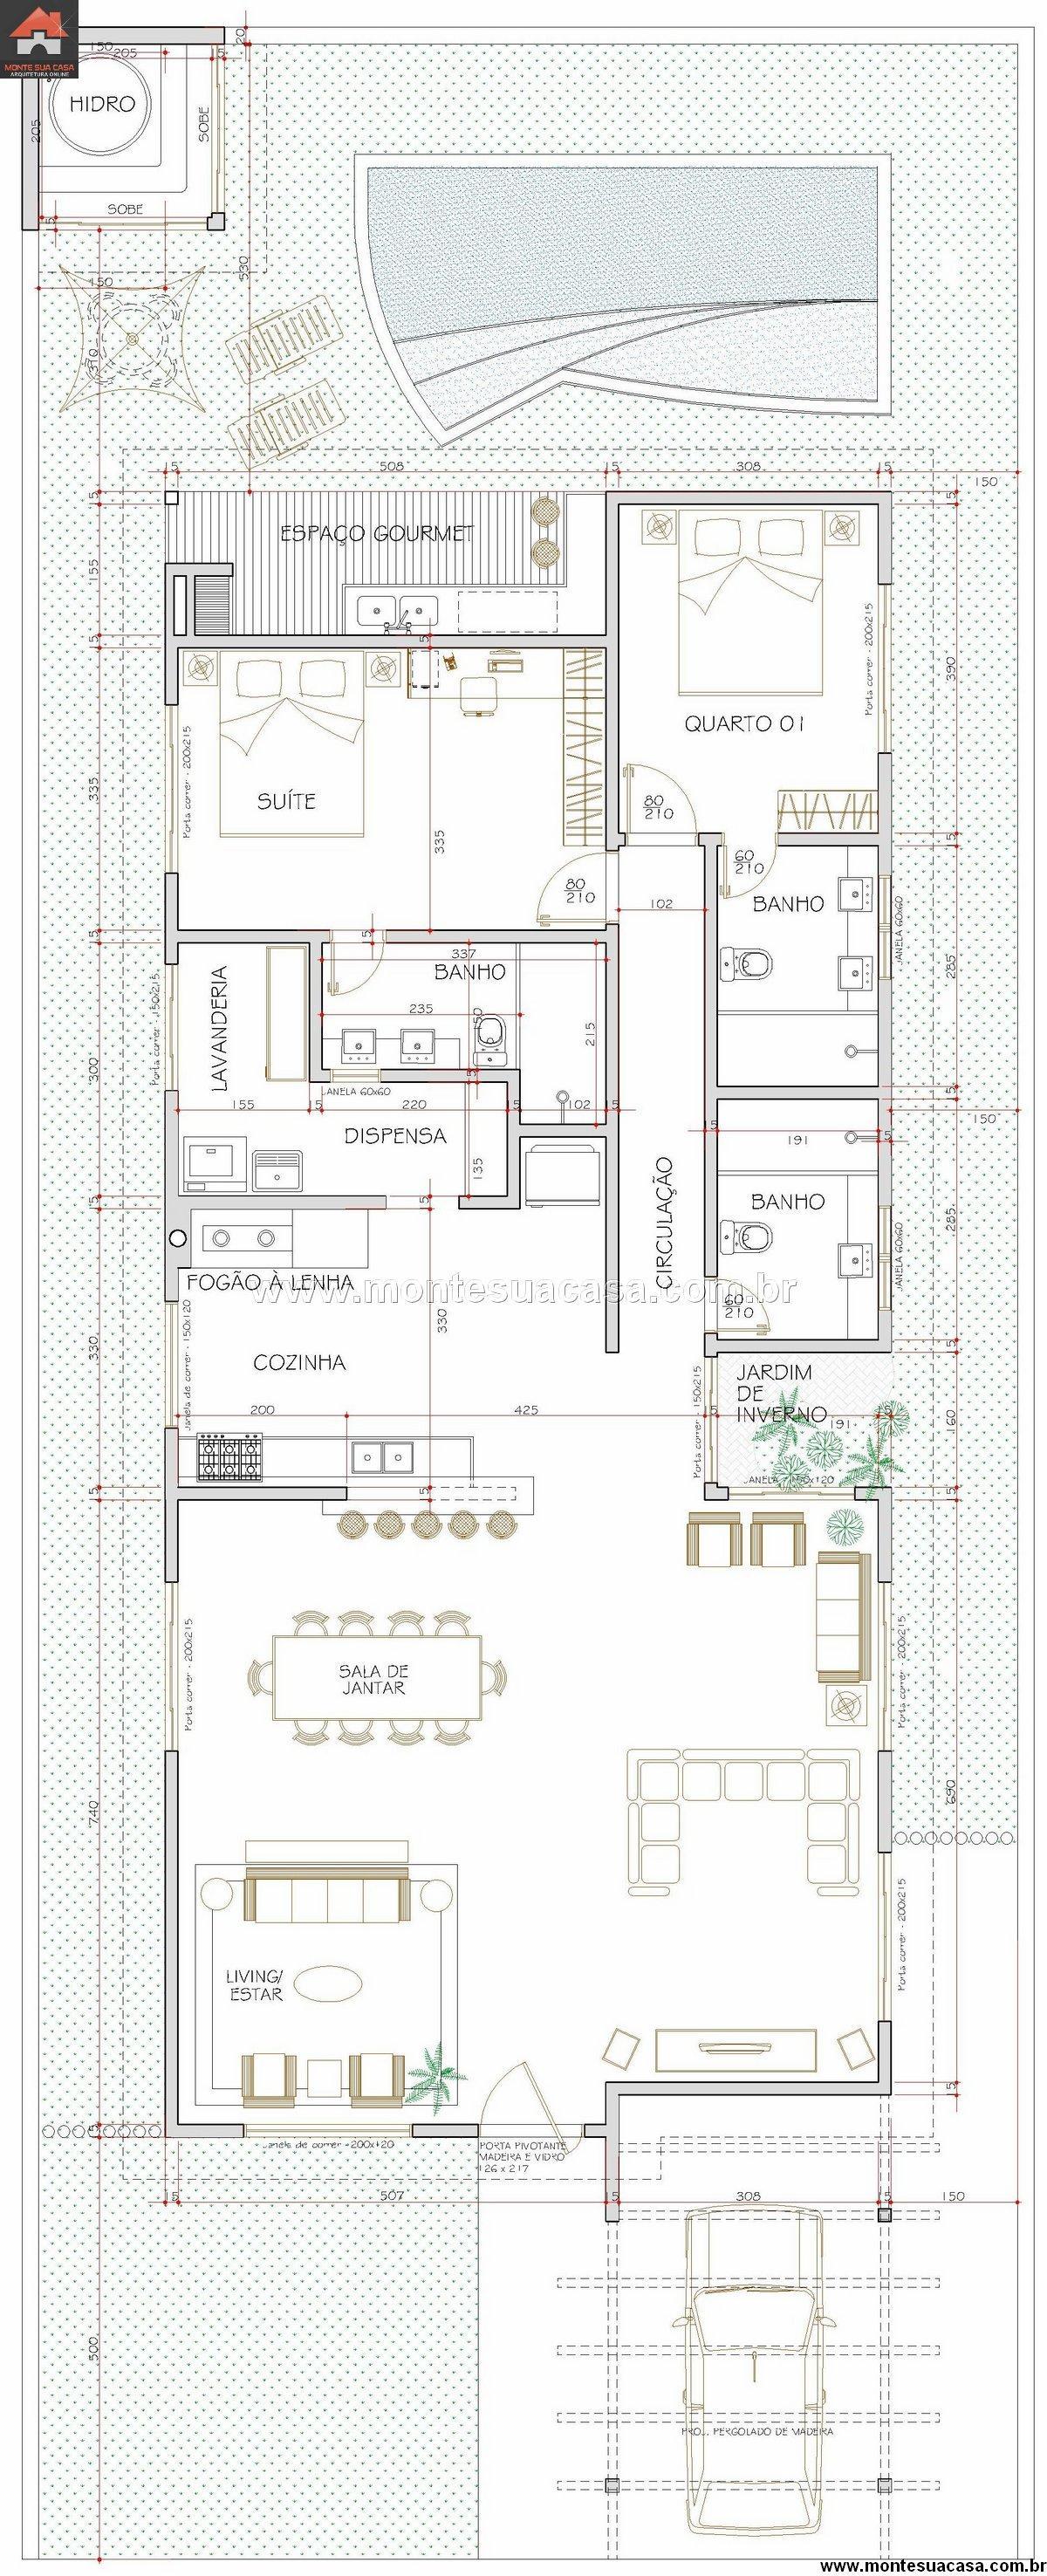 Casa 1 Quartos - 171.84m²